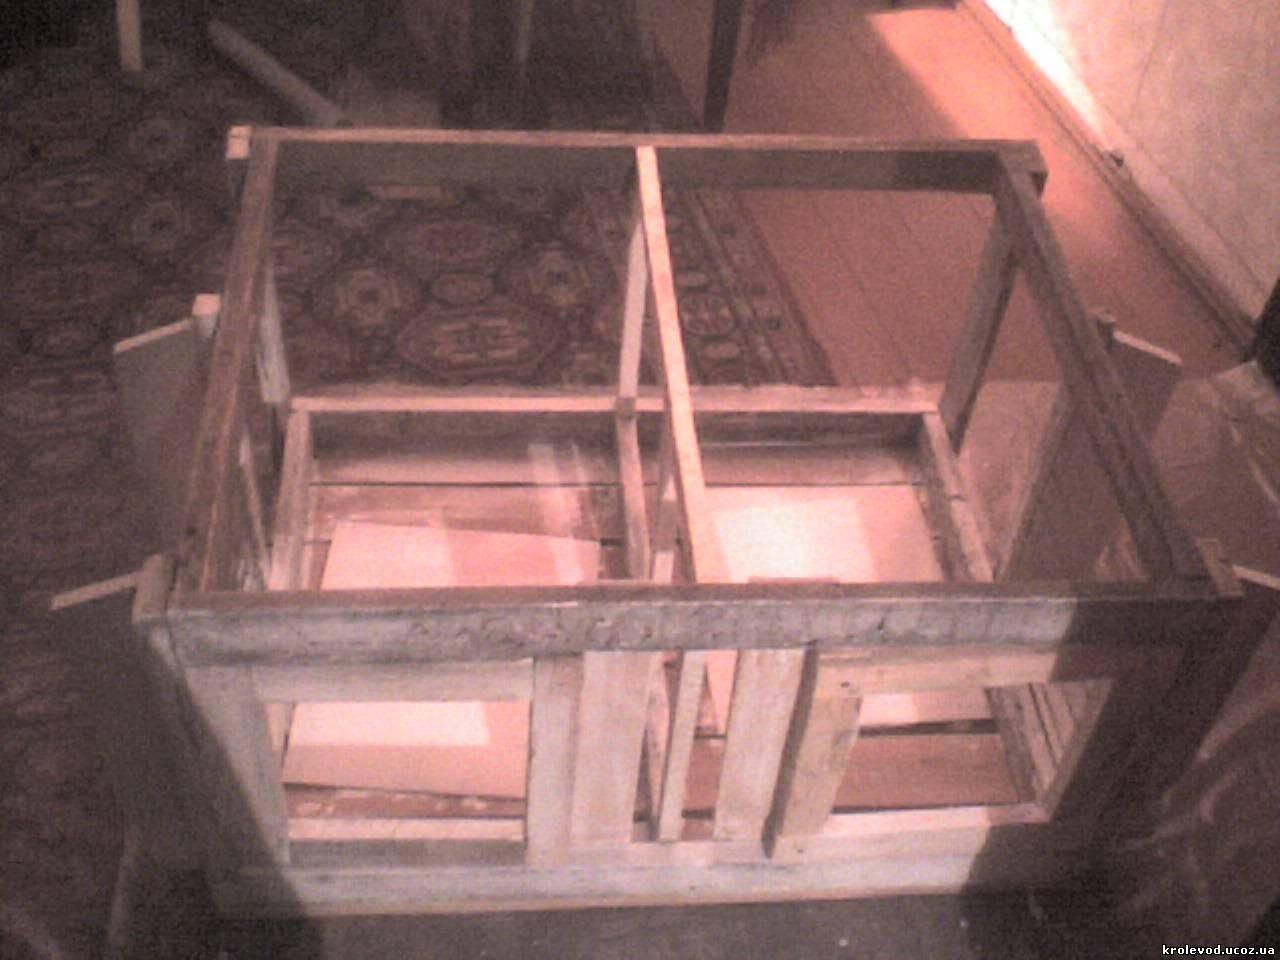 клітка для кролів із пошаговим описом, клетка для кроликов с чертежами